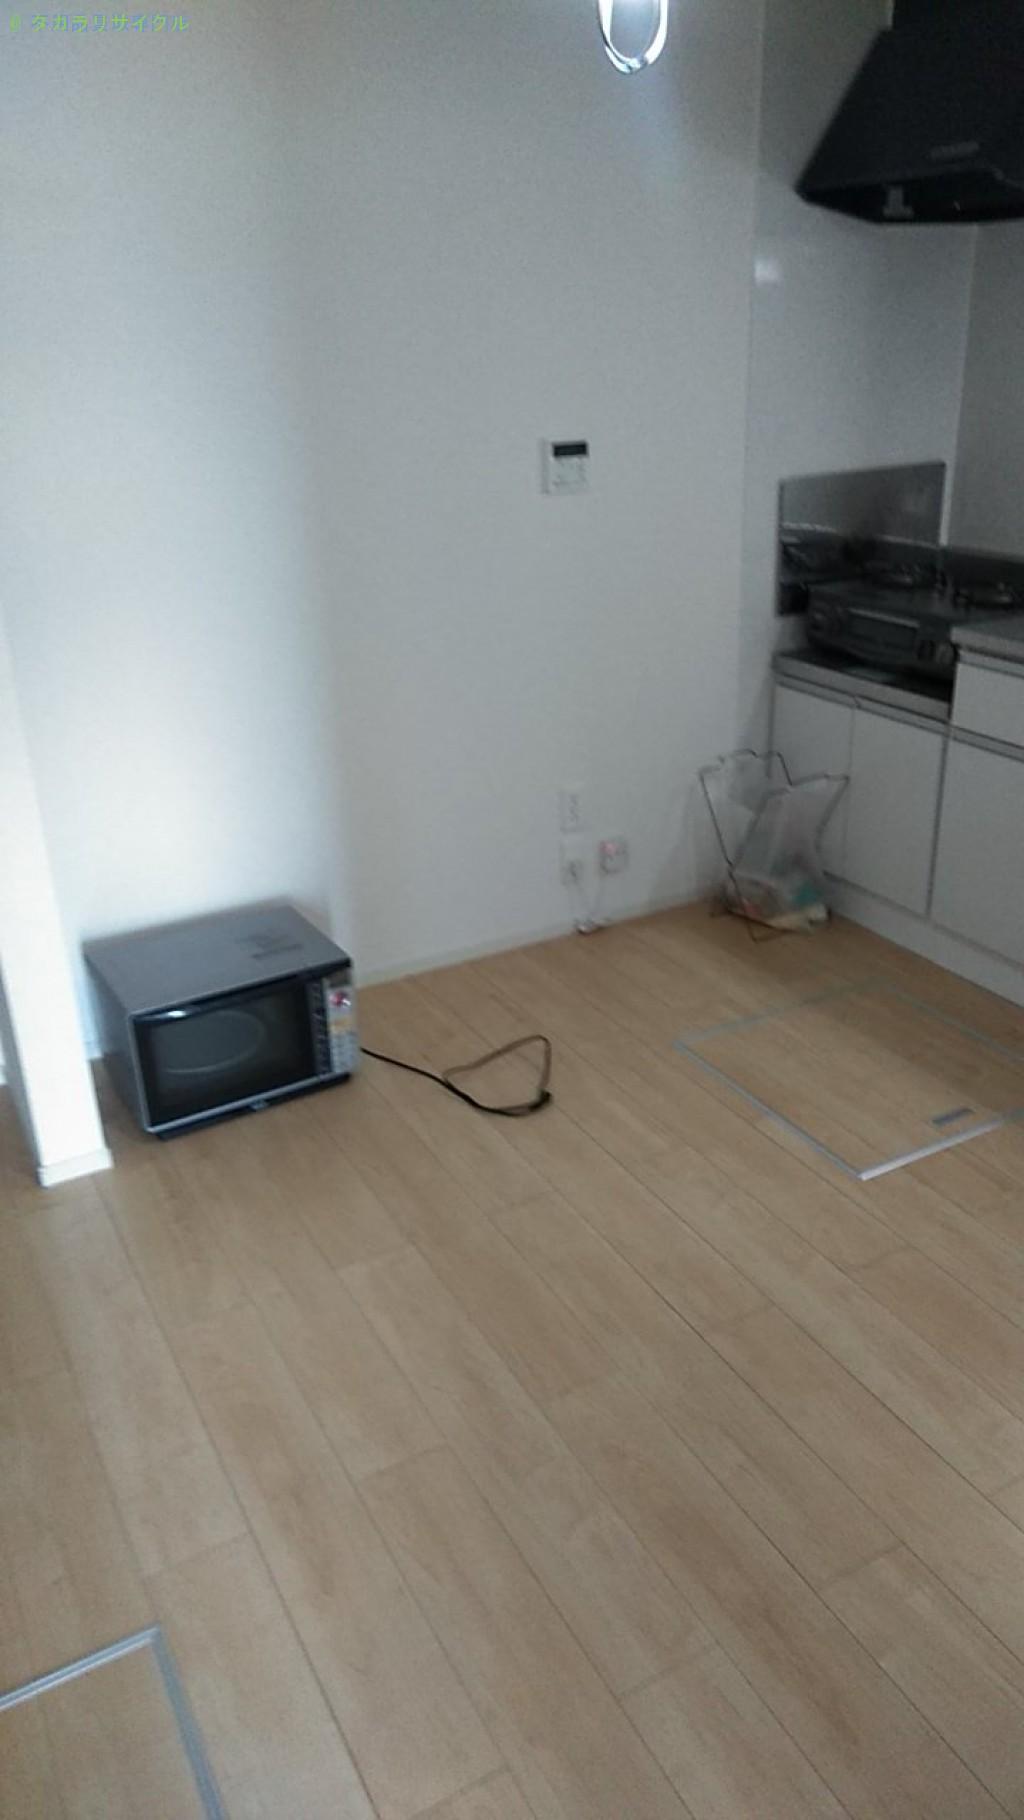 【西条市玉津】メタルラックほか家具・家電の処分・回収のご依頼者さま